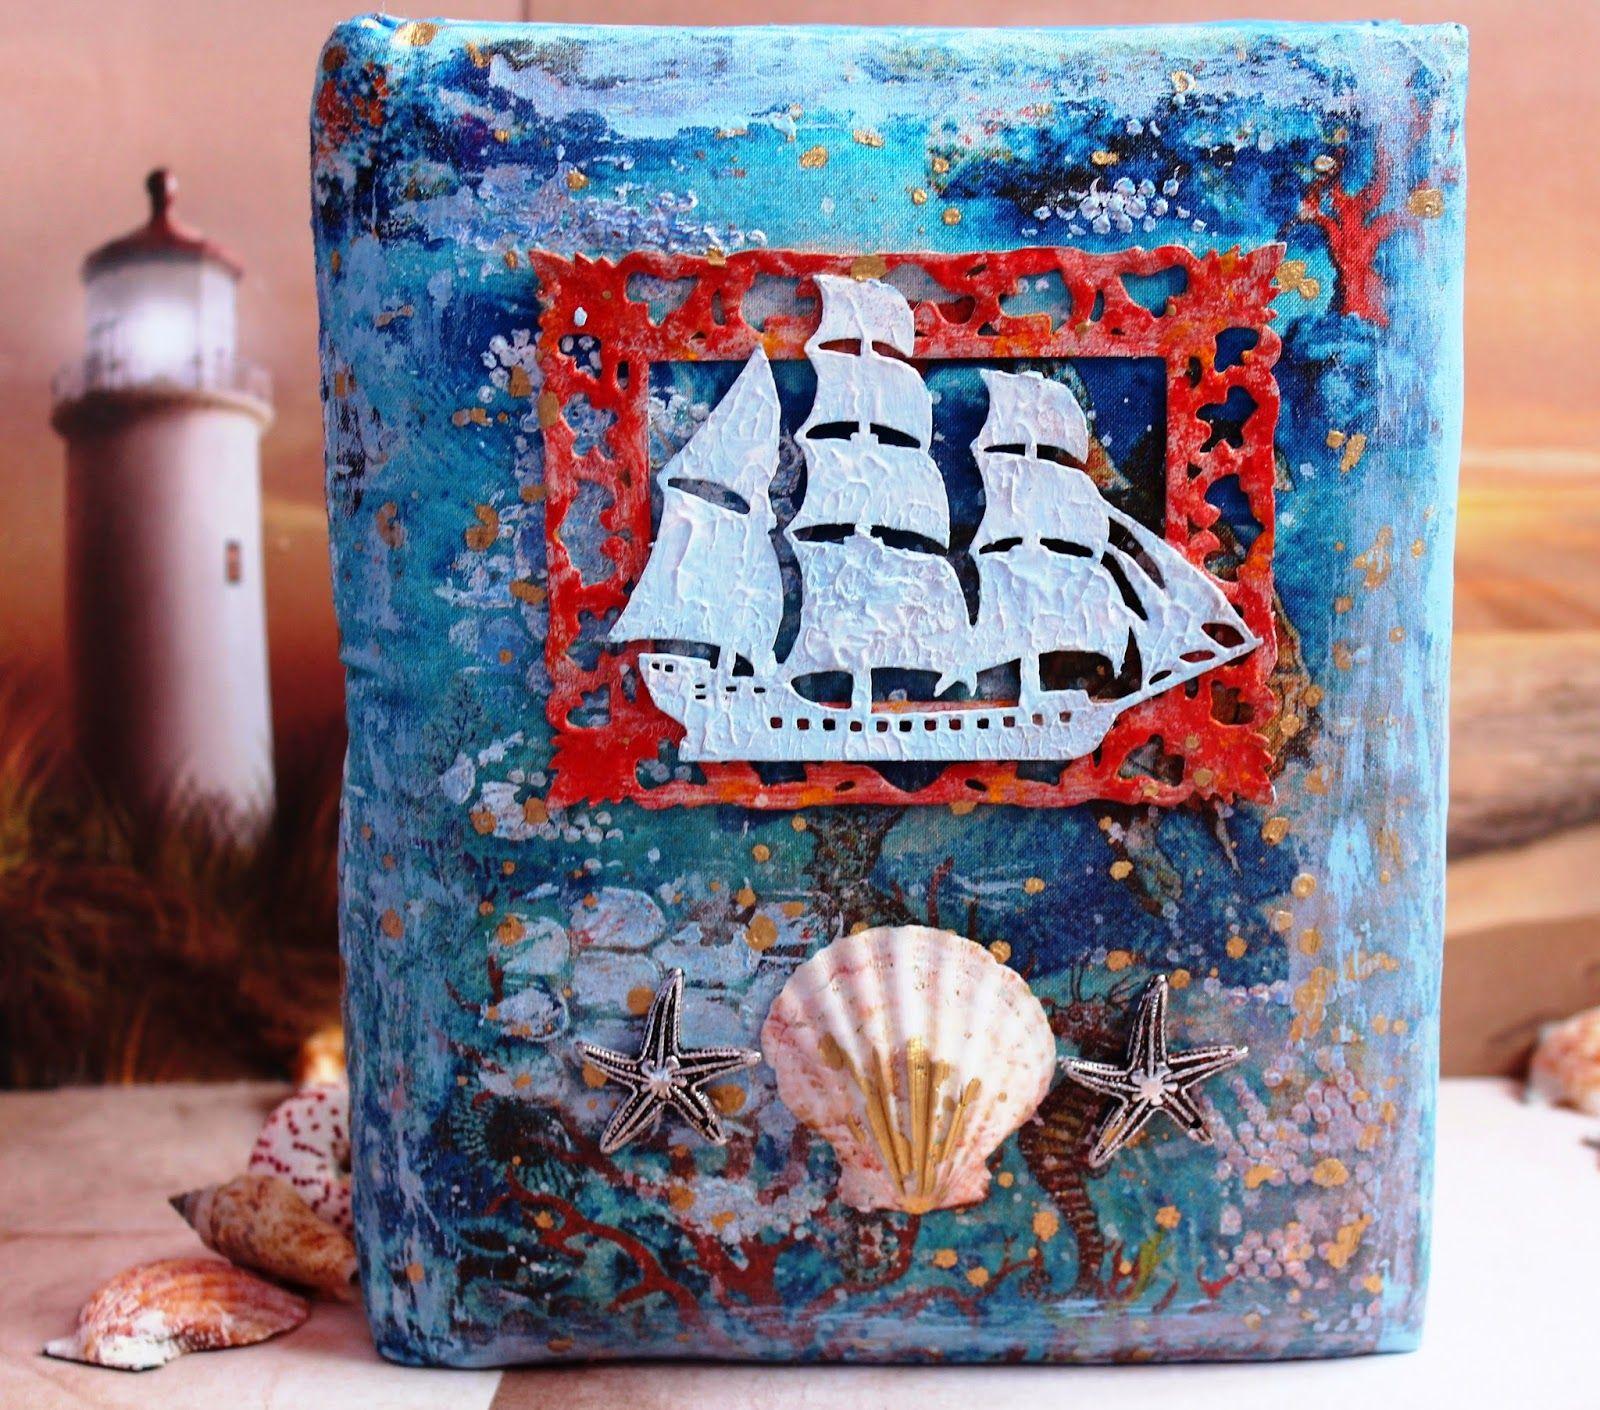 башкирии скрапбукинг фишки с морской тематикой фото заставило многих производителей